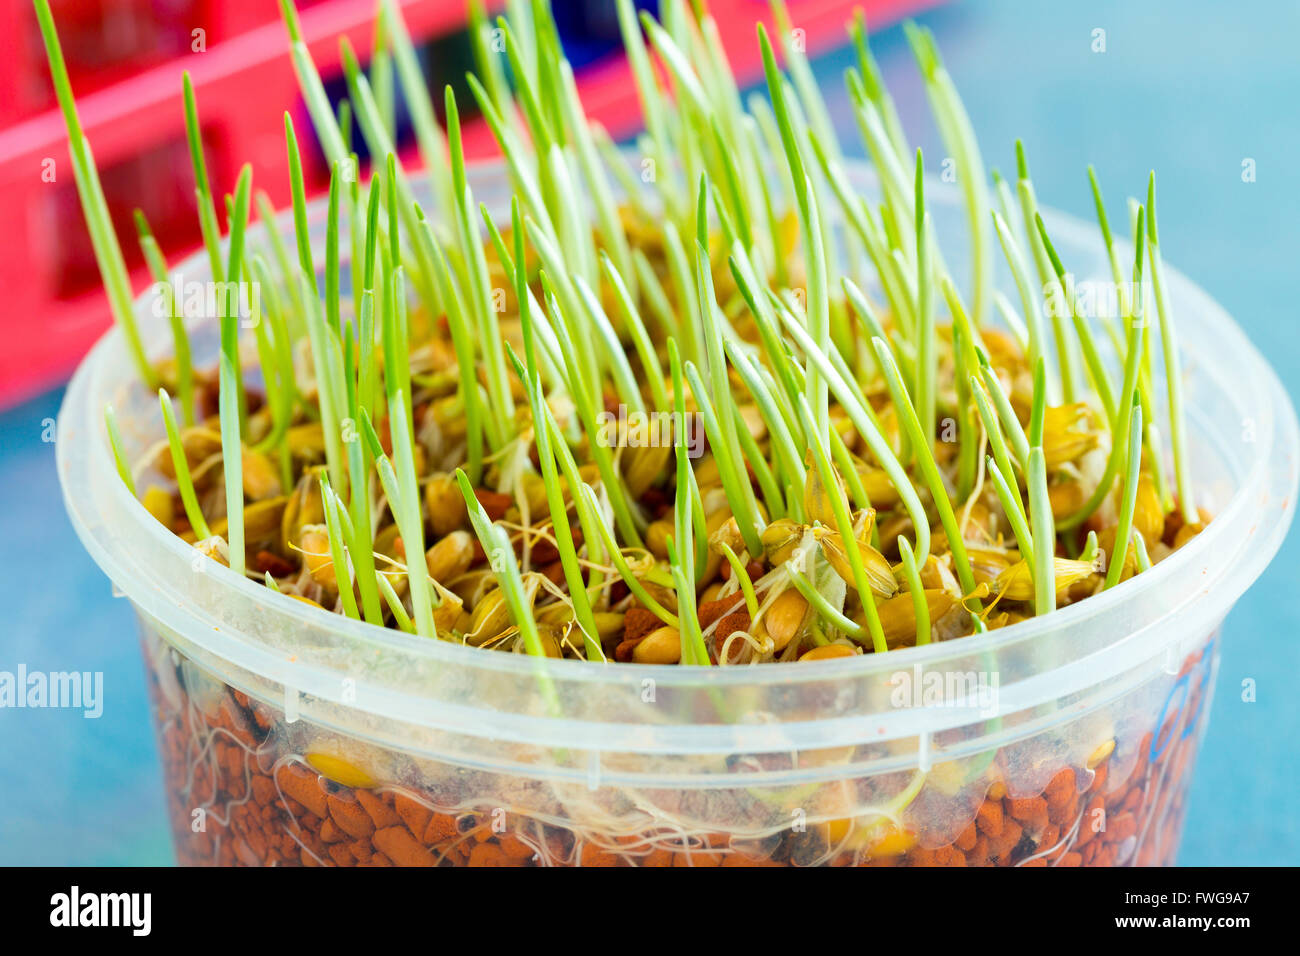 La culture du blé génétiquement modifié dans un récipient. Photo Stock